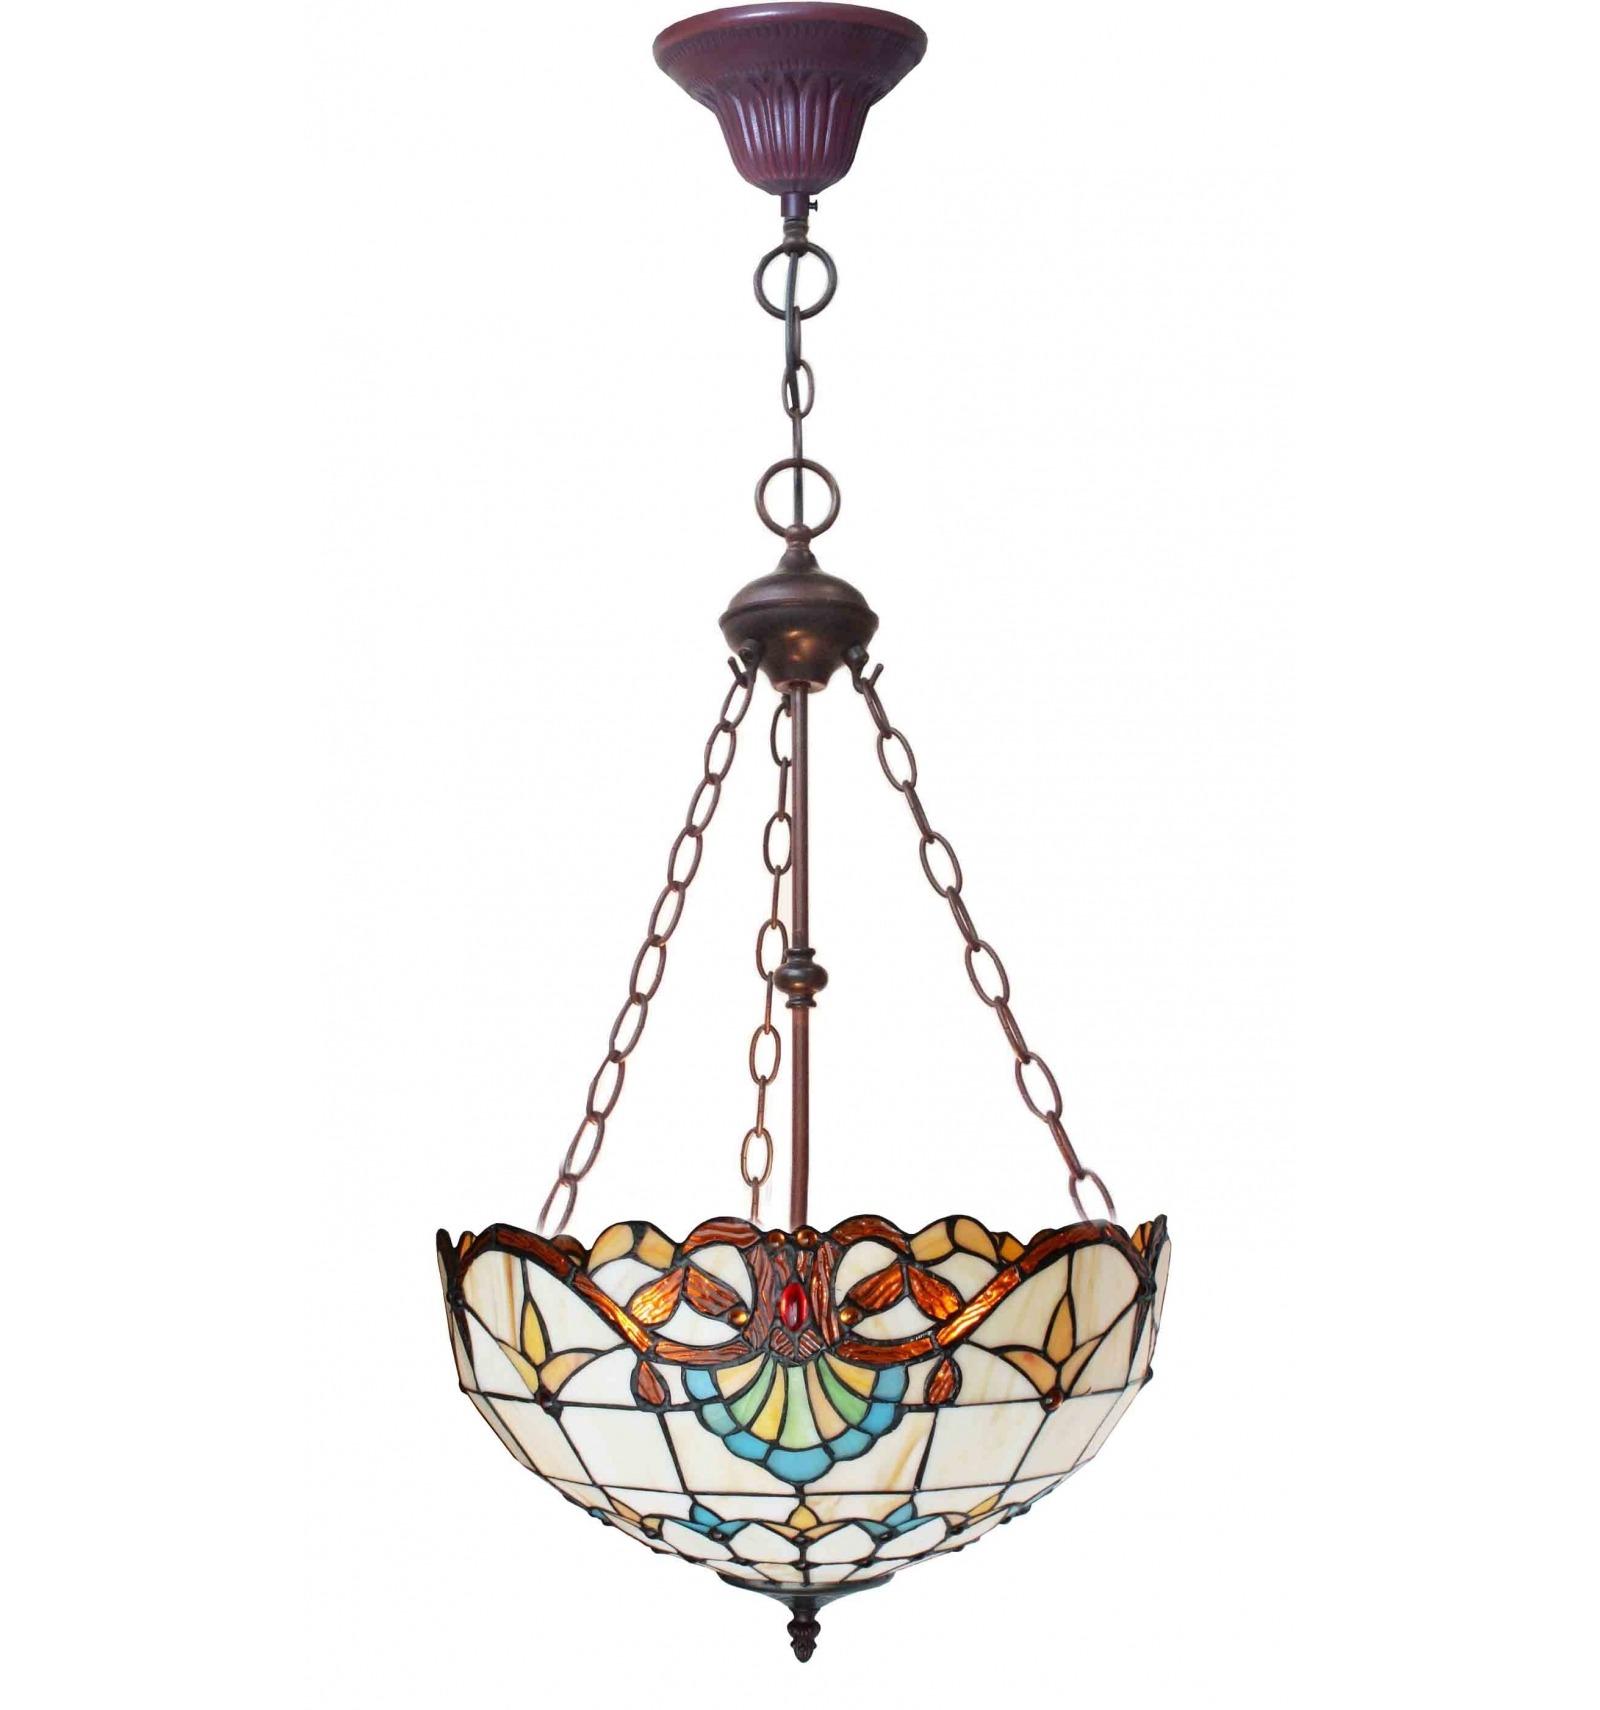 tiffany inverted ceiling light paris art nouveau series